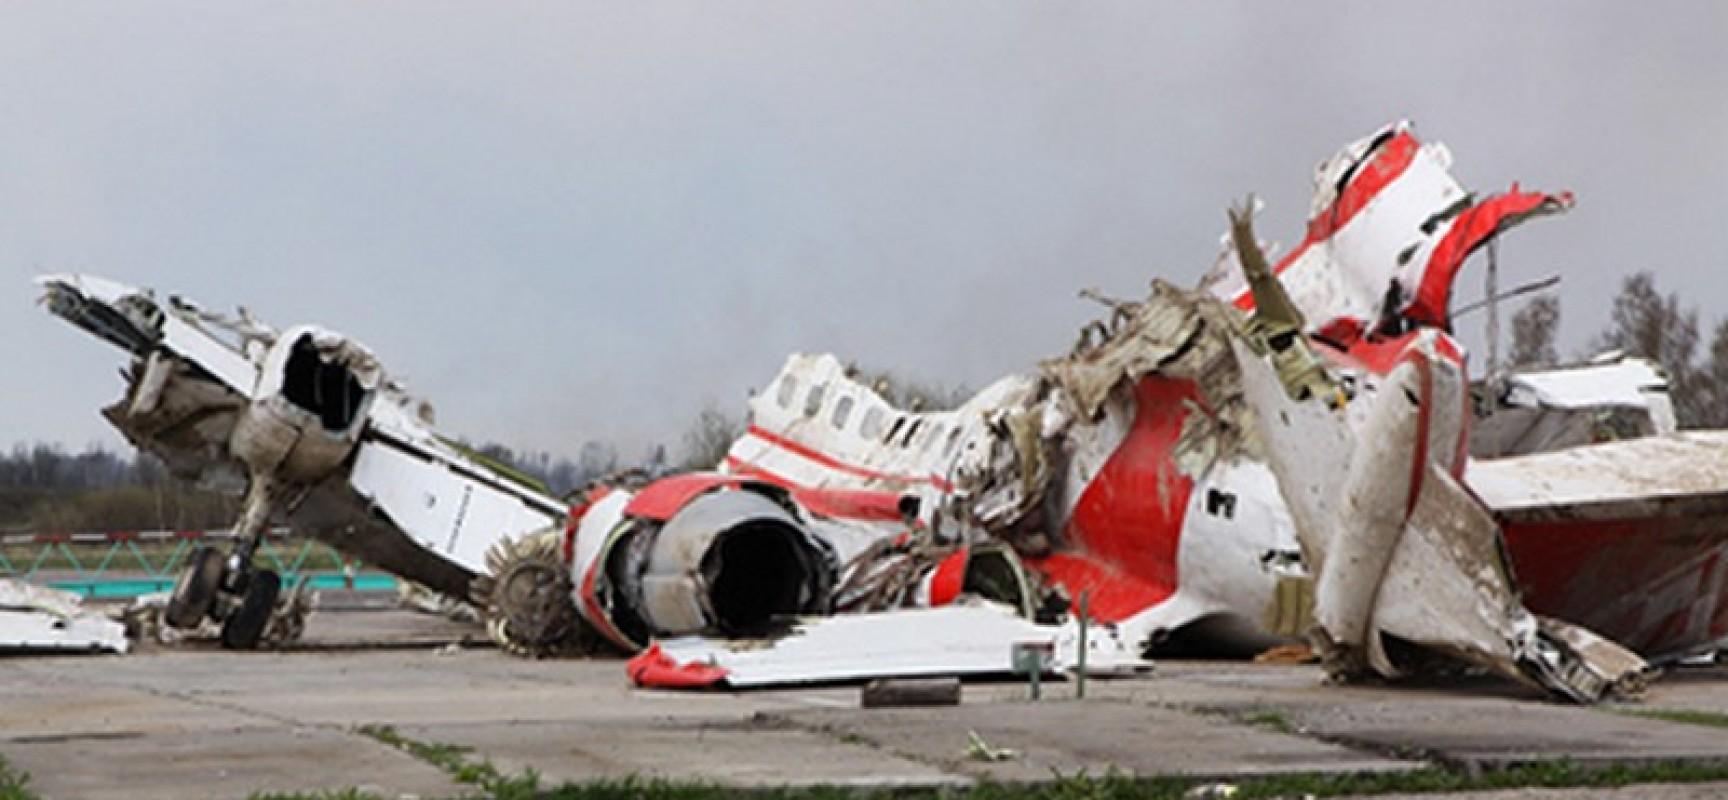 Urgent : Crash d'avion à Diatar (département de Podor), le pilote décédé